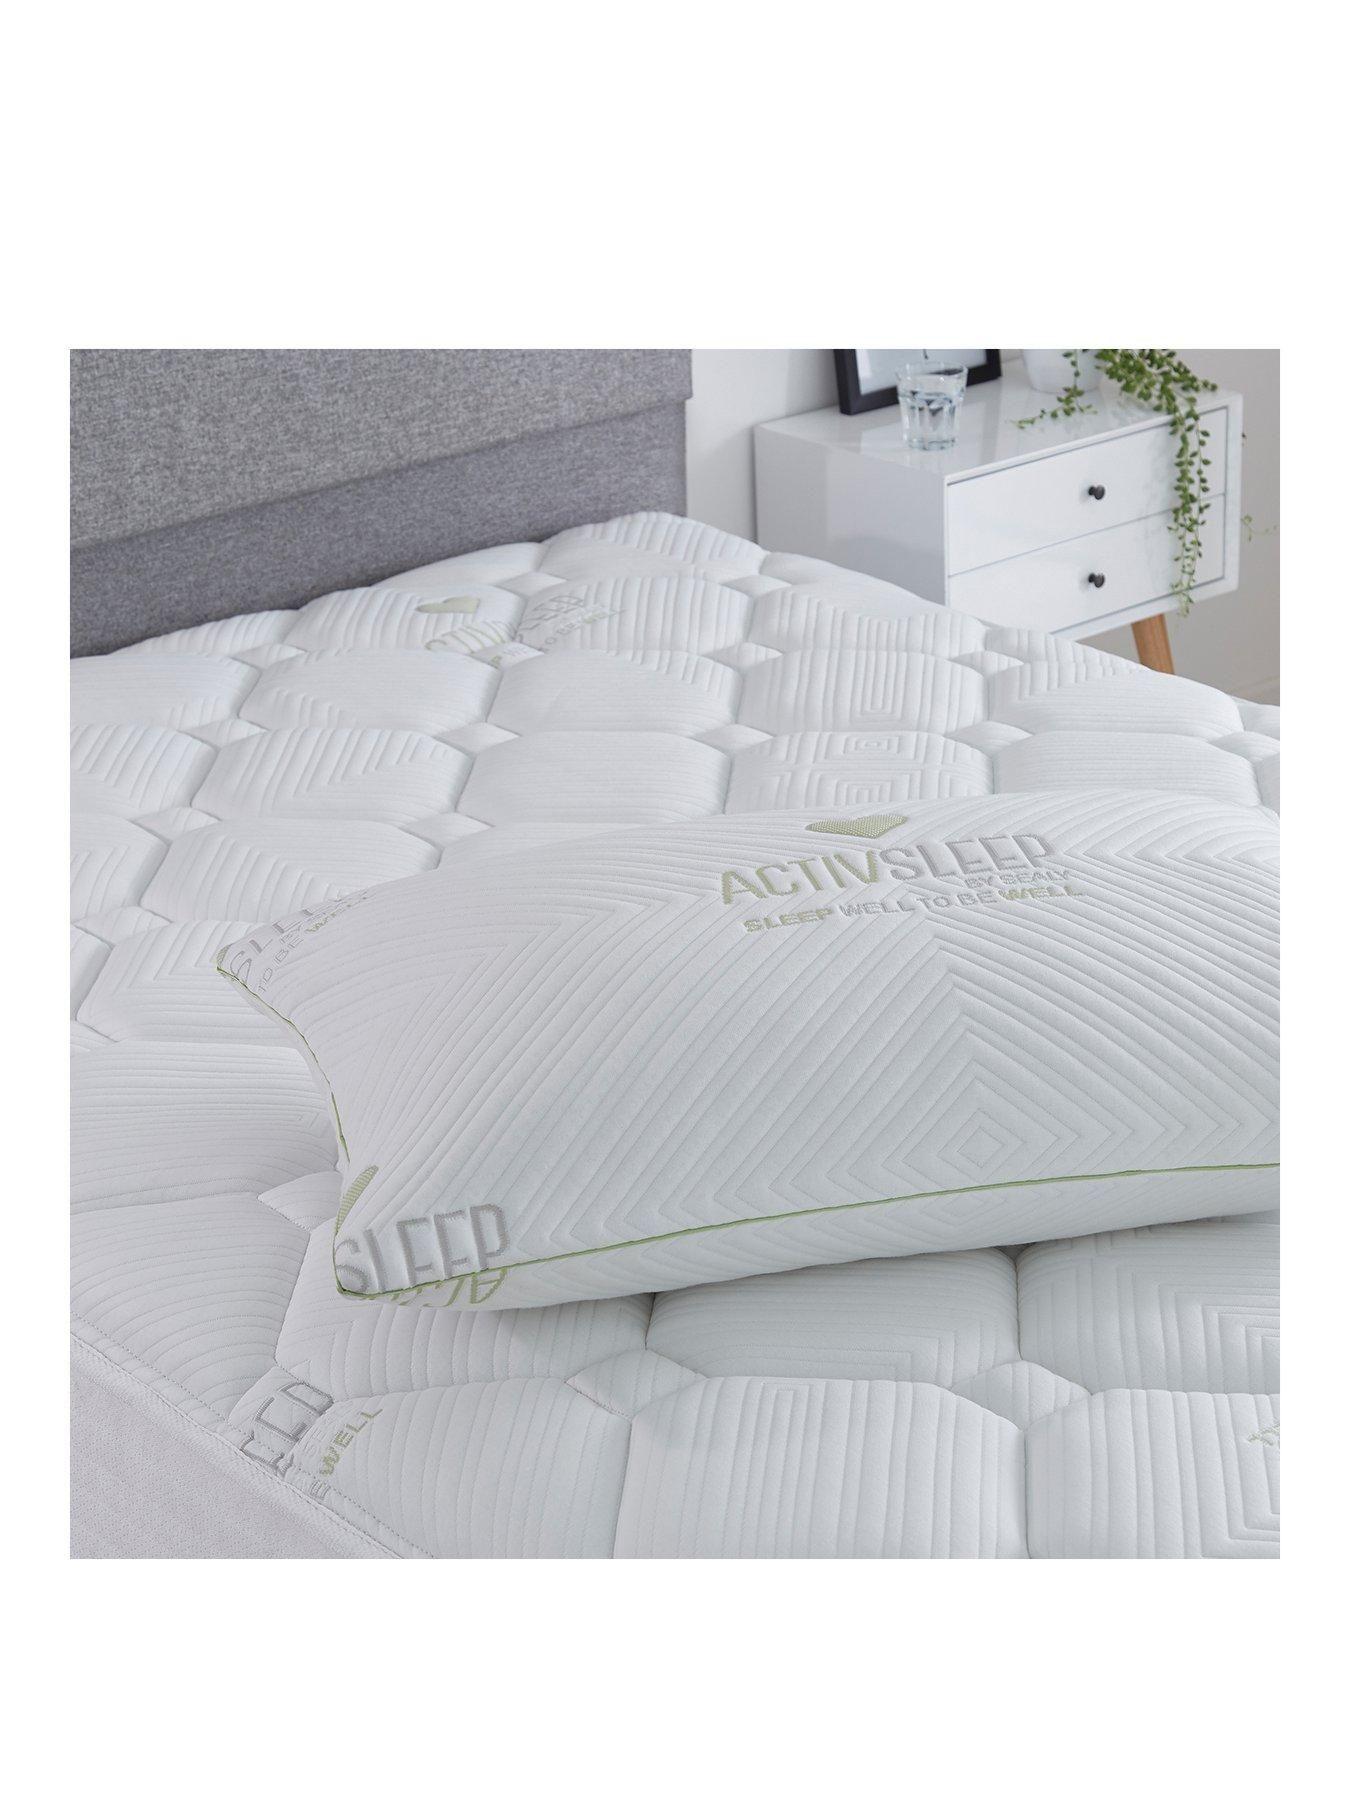 Activsleep Reflex Memory Foam Pillow